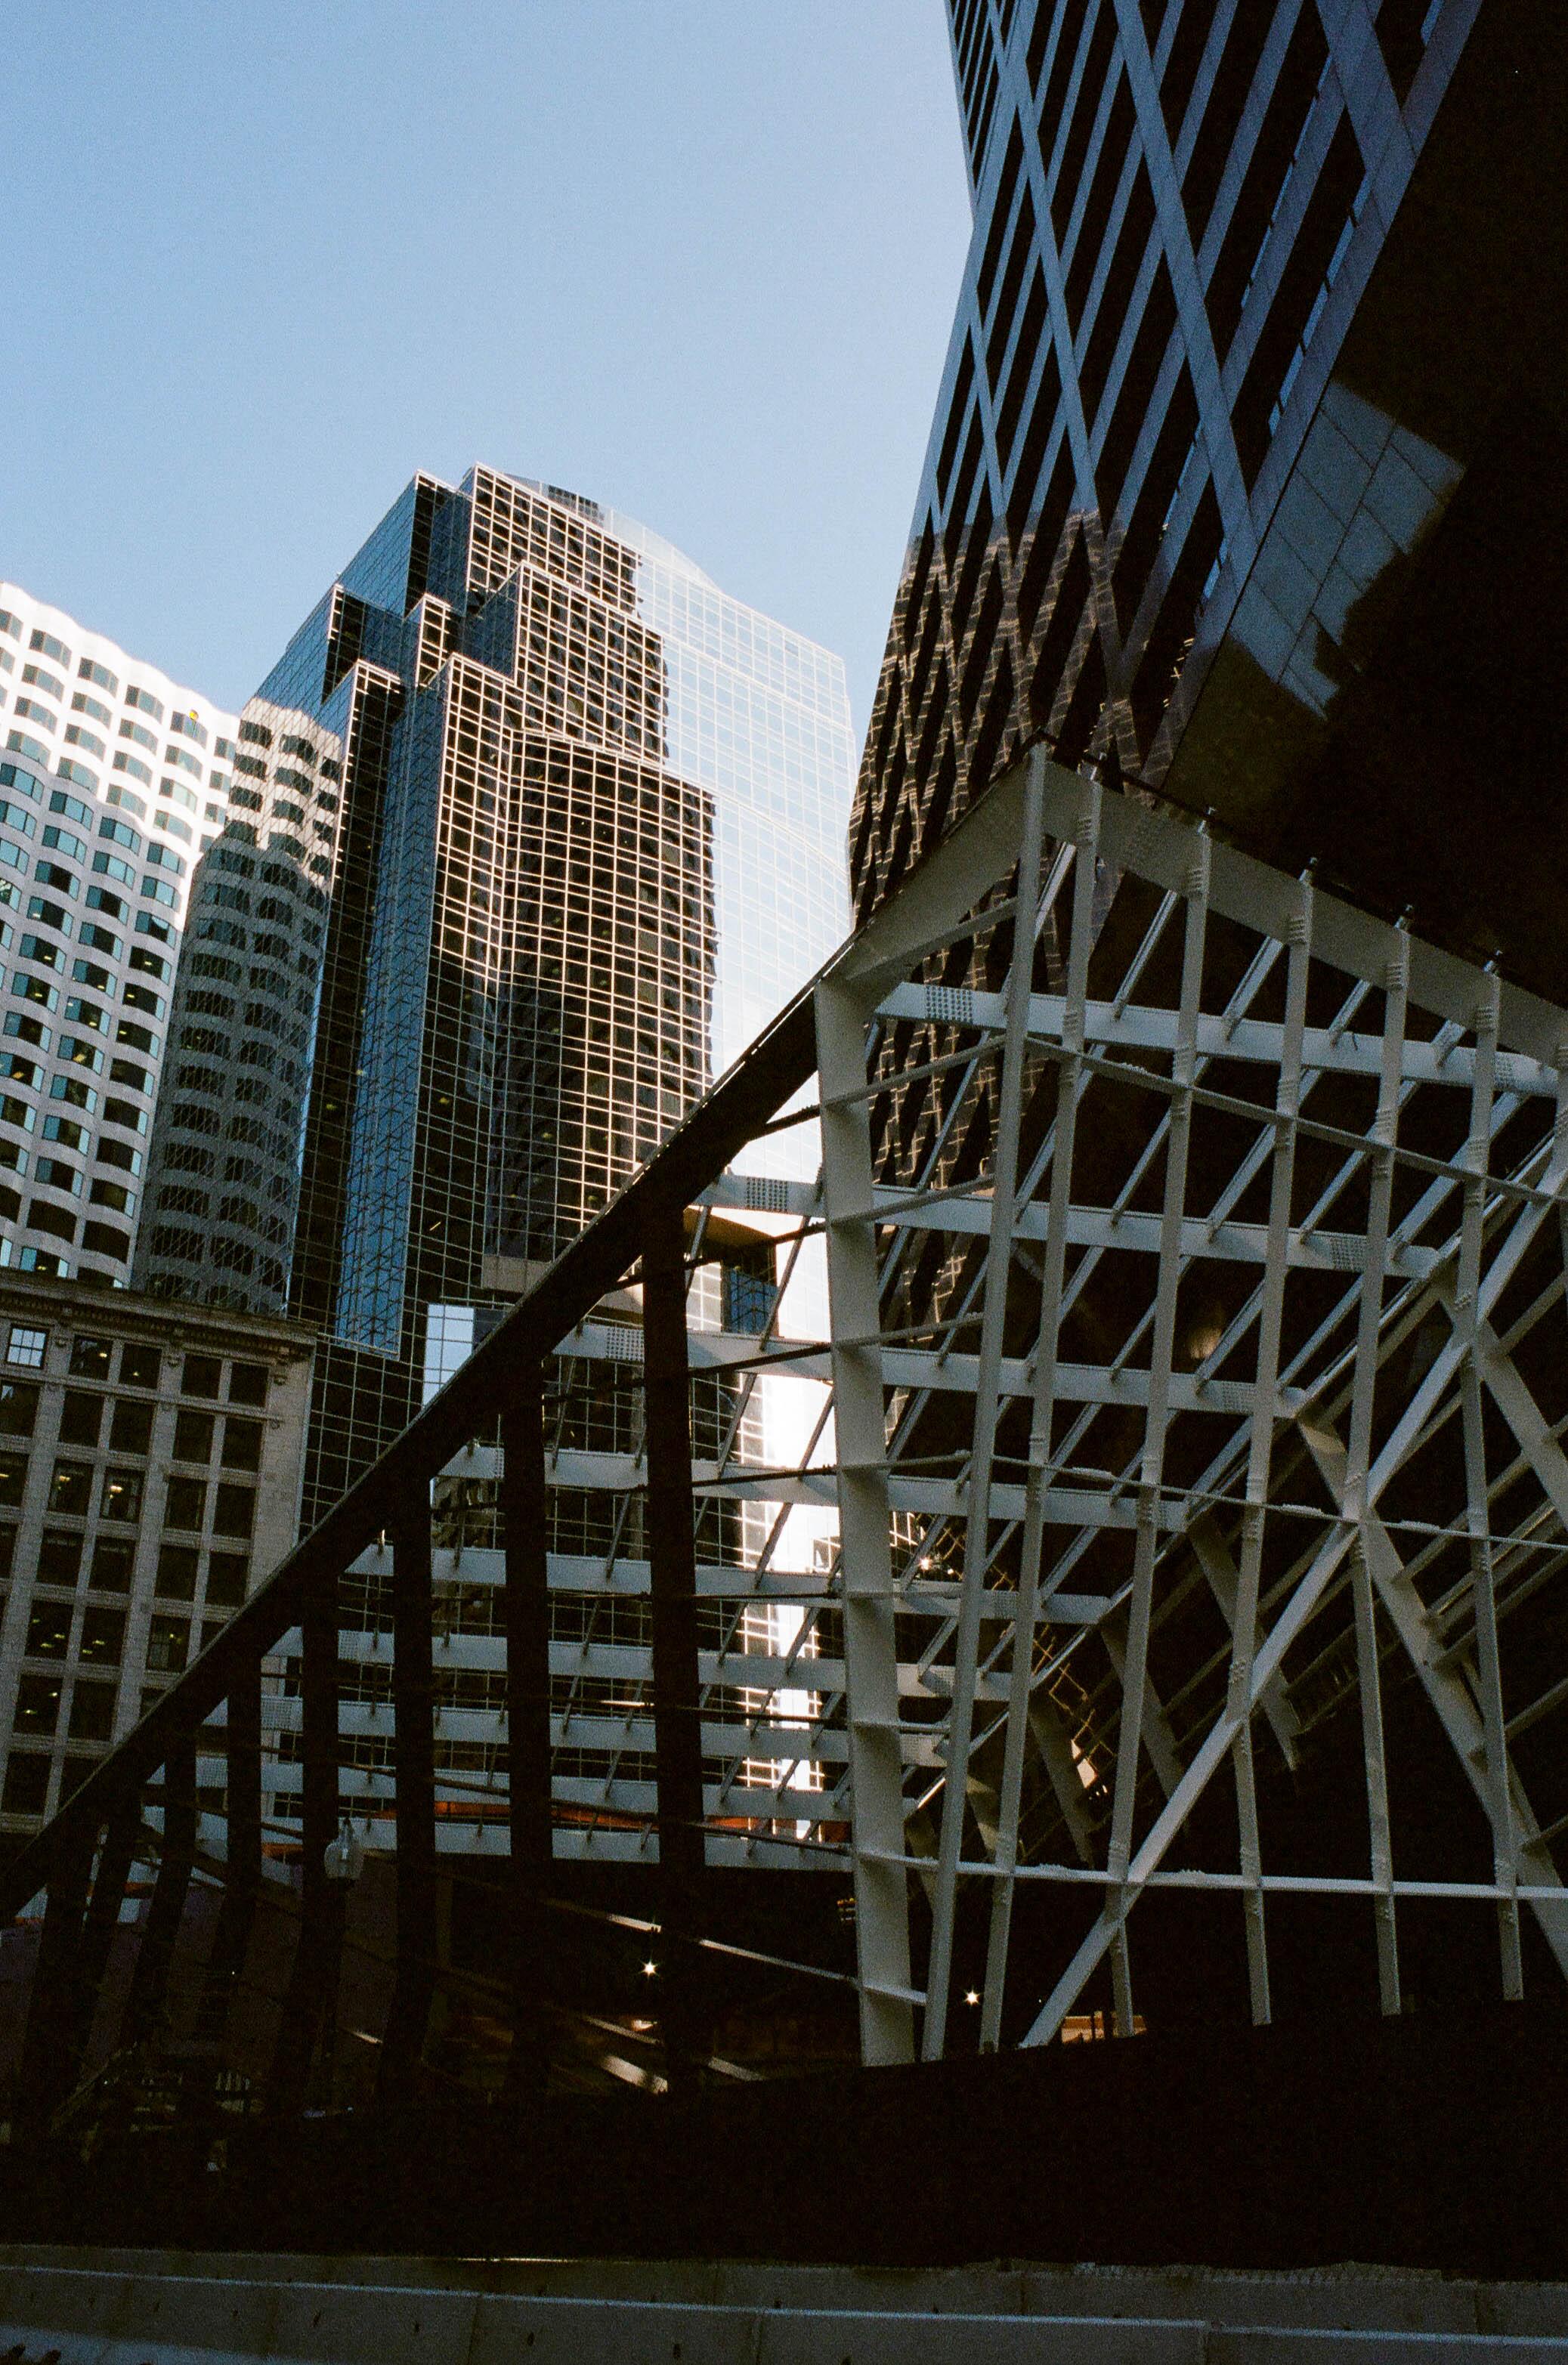 35mm Film - 00408 - Chris Goetchius 2017.jpg